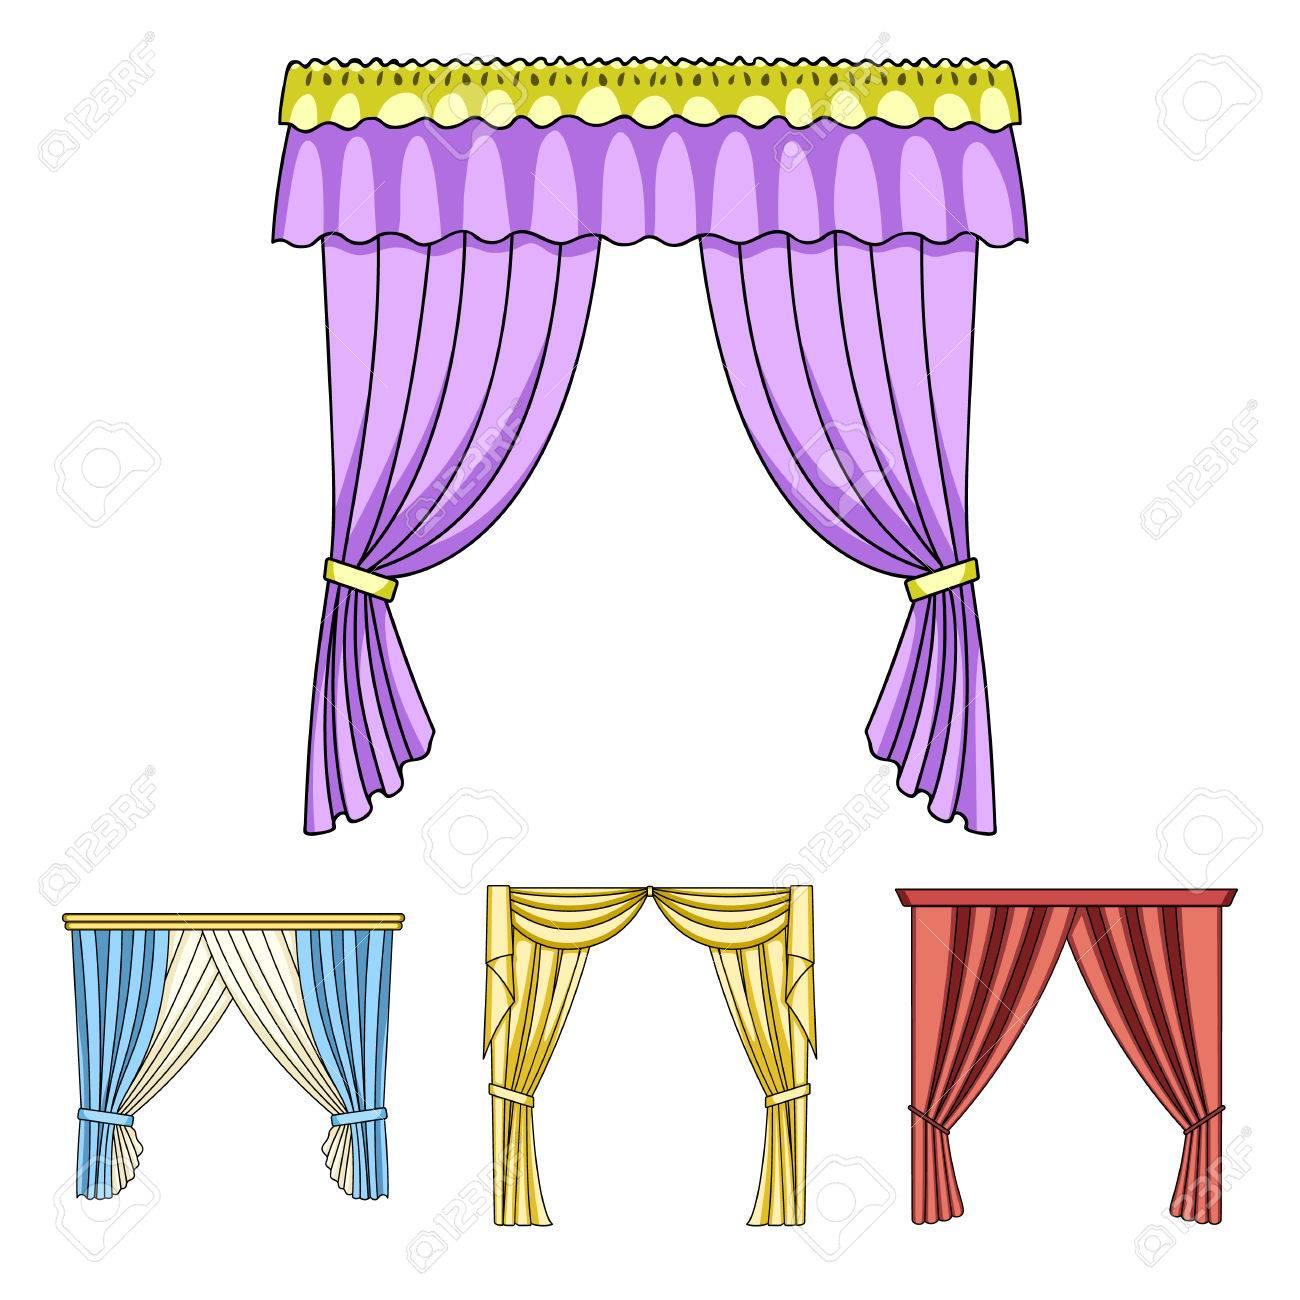 differents types de rideaux de fenetre les icones de collecte de set de boites dans l illustration de stock de symbole de vecteur de dessin anime